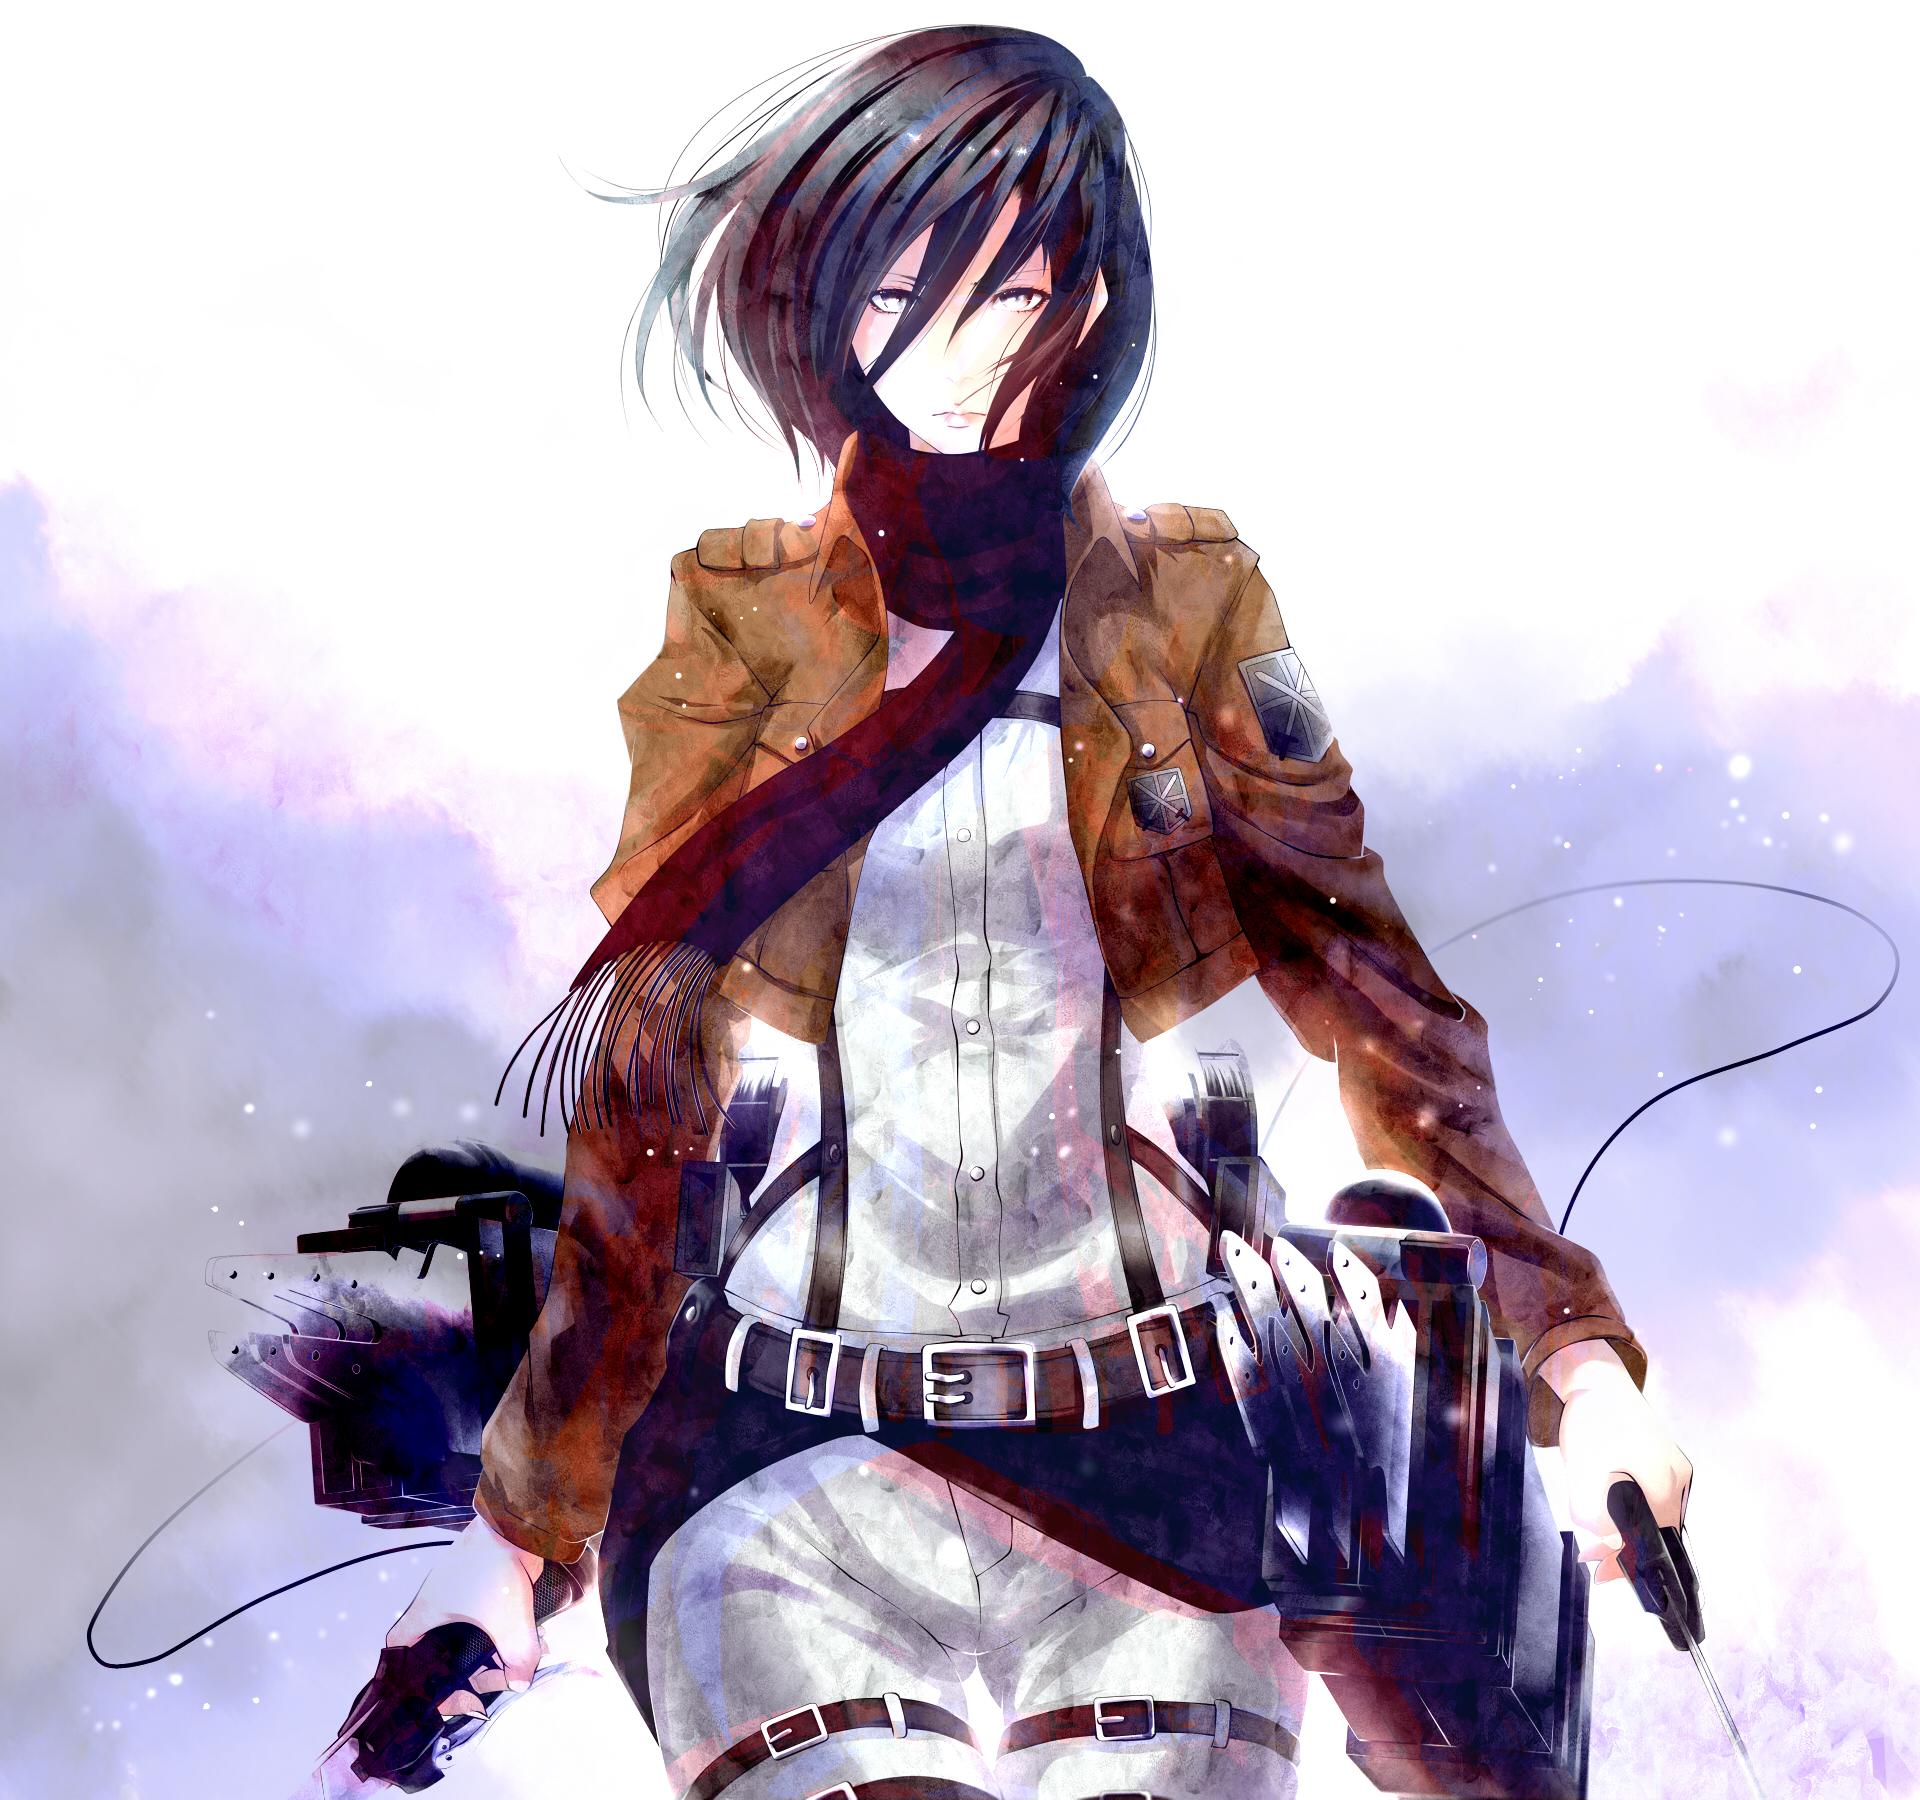 Mikasa Ackerman - Attack on Titan - Image #1505627